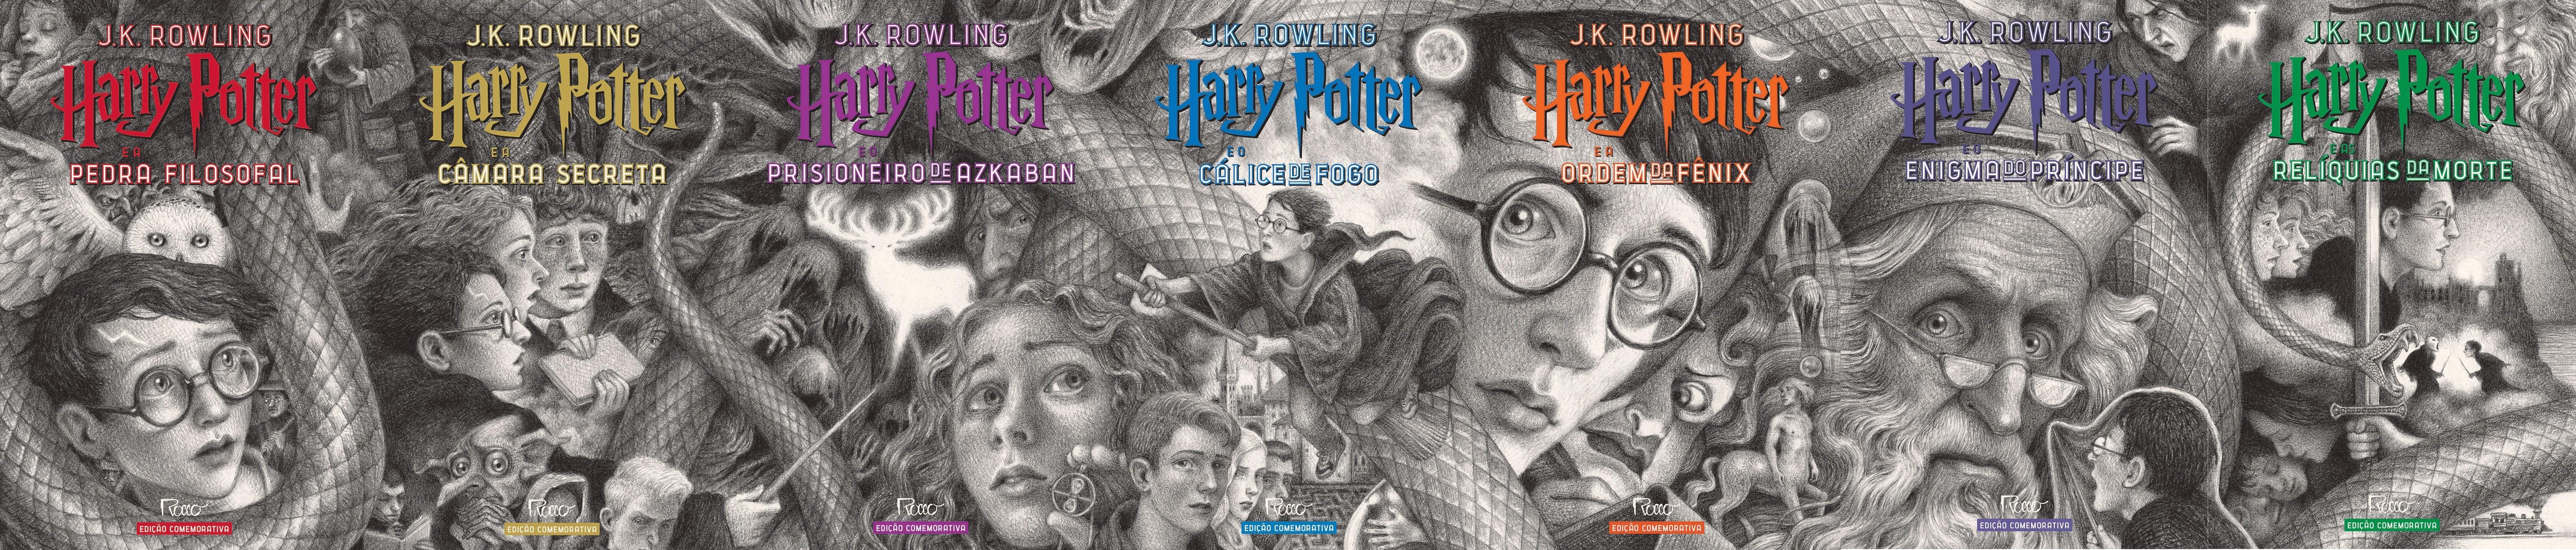 harry potter completa 20 anos no brasil e ganha edicao comemorativa revista galileu livros harry potter completa 20 anos no